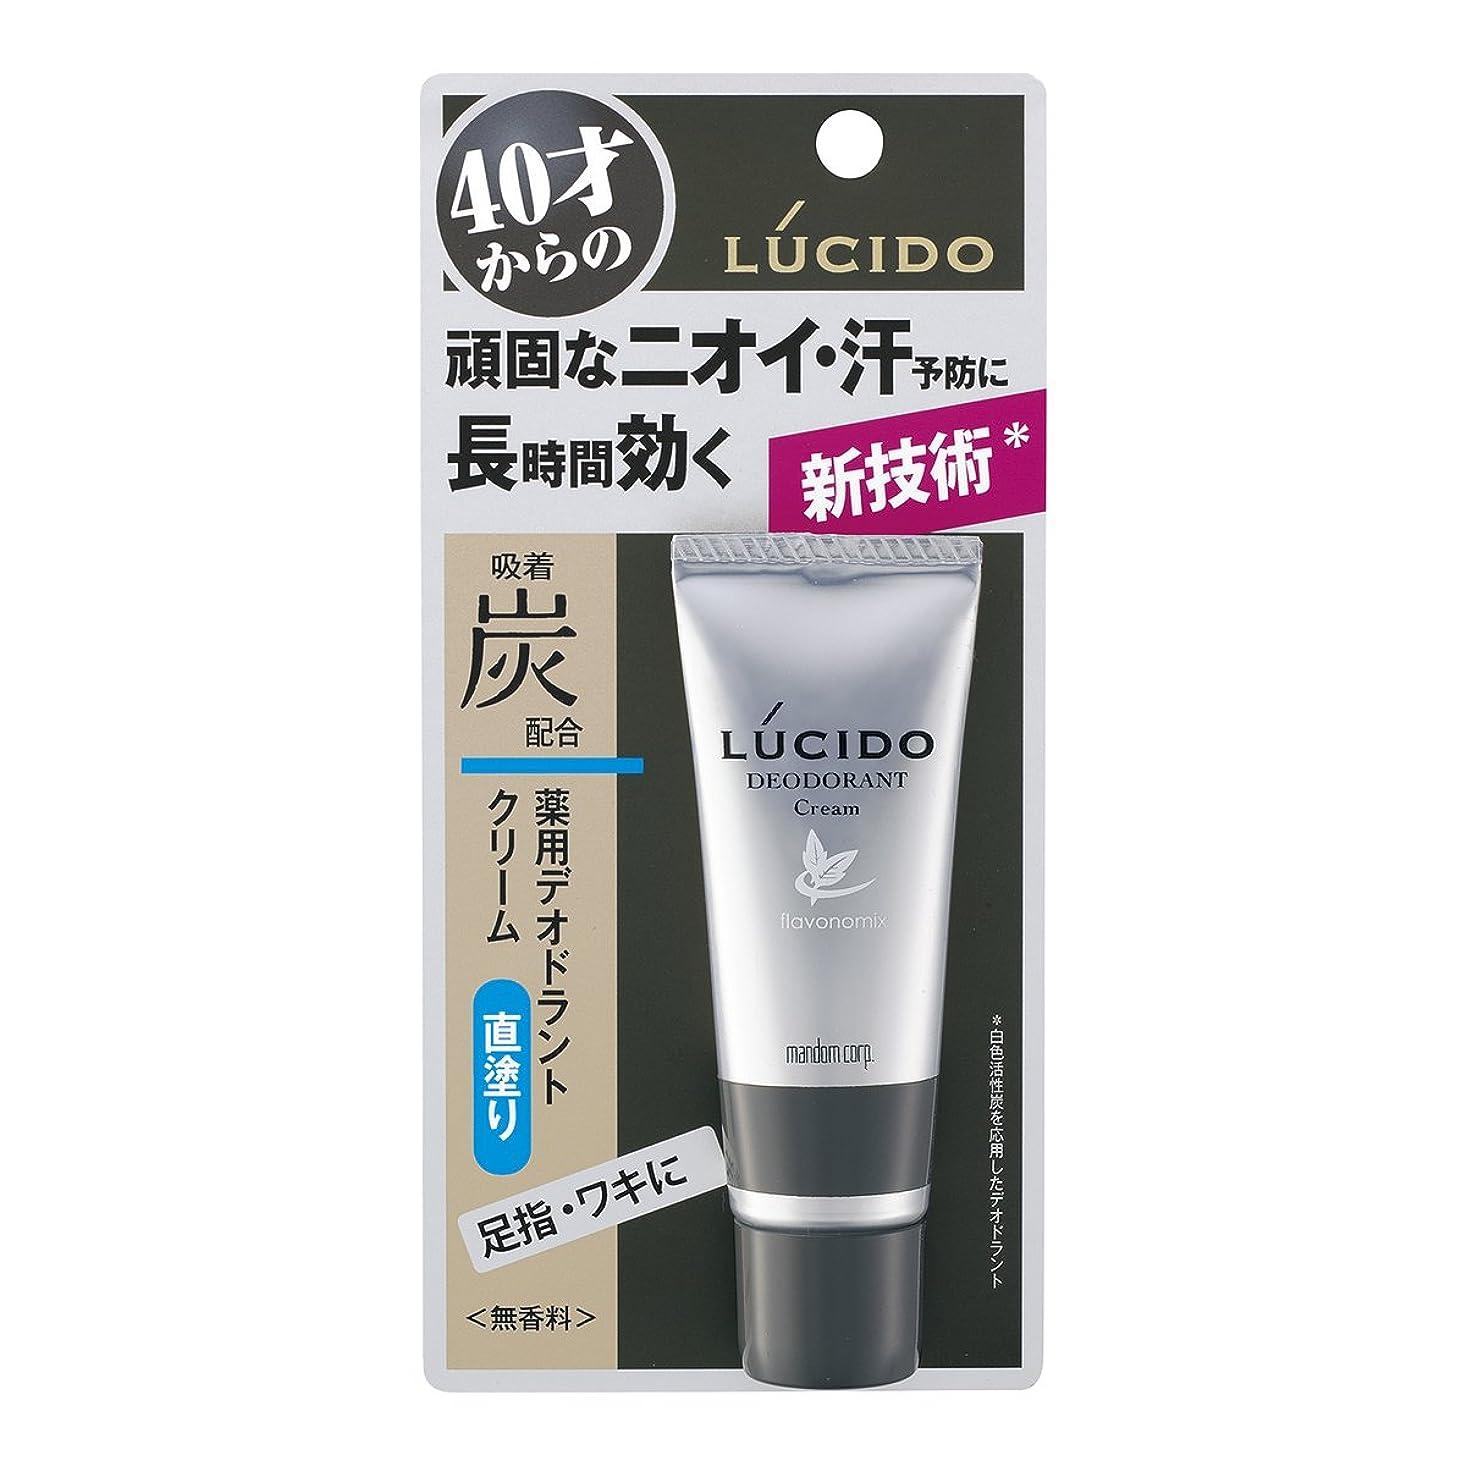 仮説ドラッグアレルギー性ルシード 薬用デオドラント高密着クリーム 30g(医薬部外品)